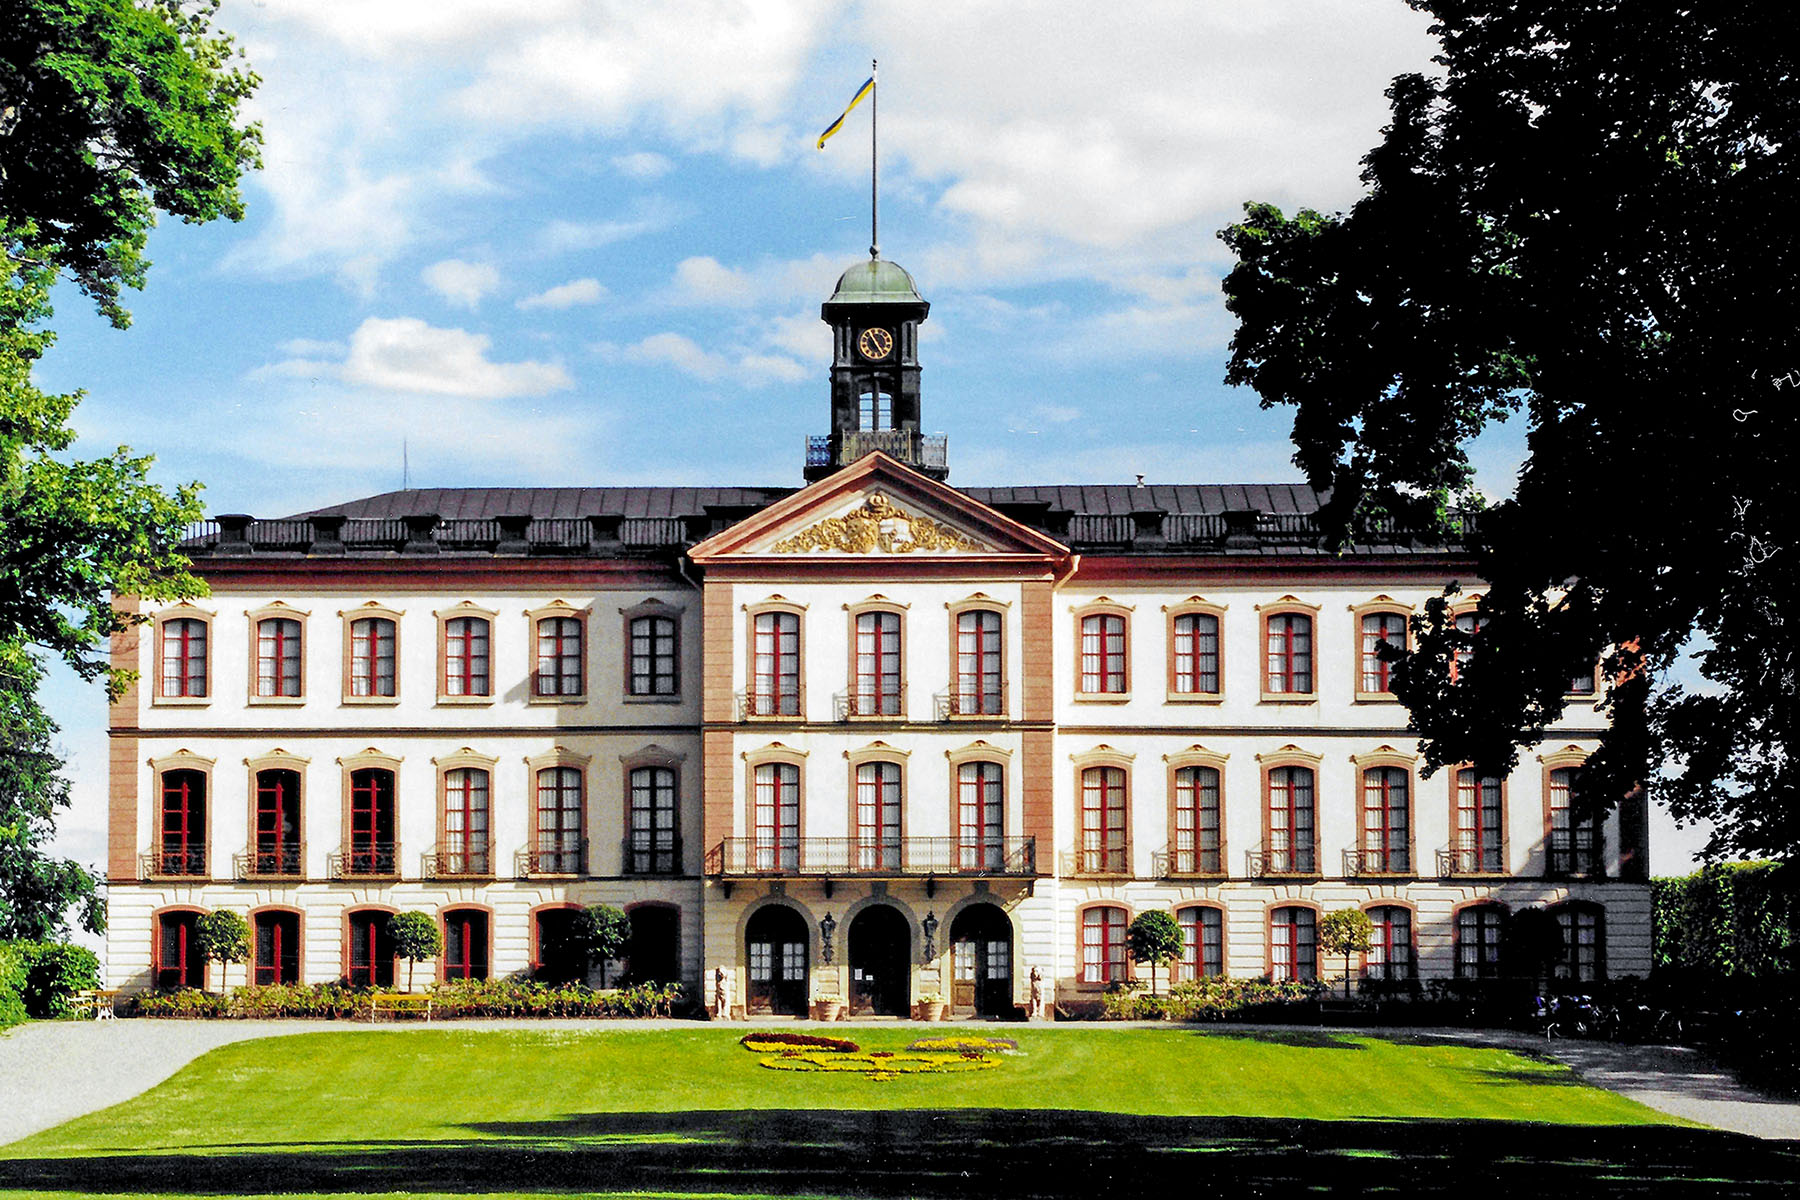 Tullgarns slott